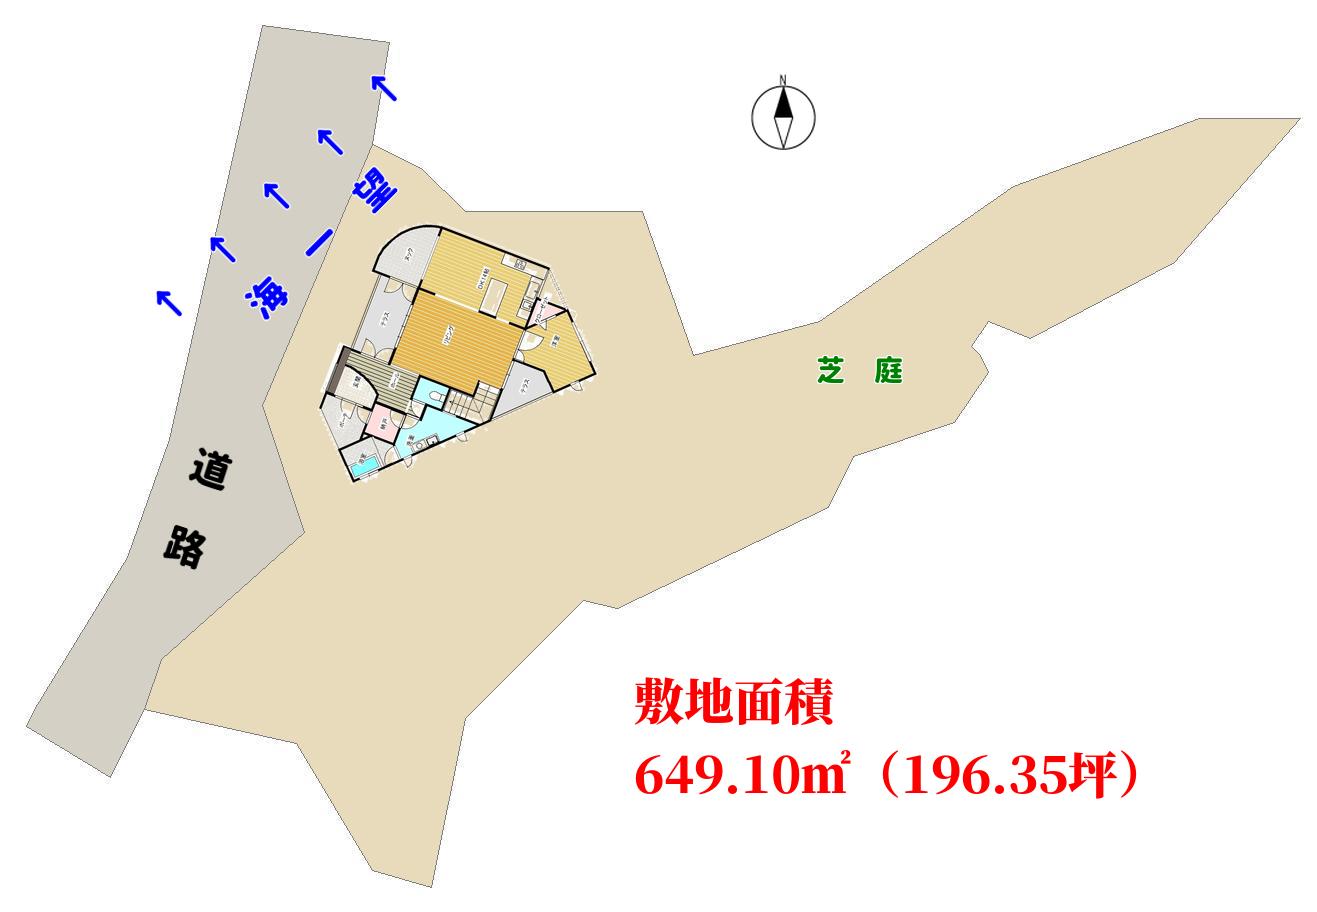 千葉県館山市坂田、房総の別荘 敷地図